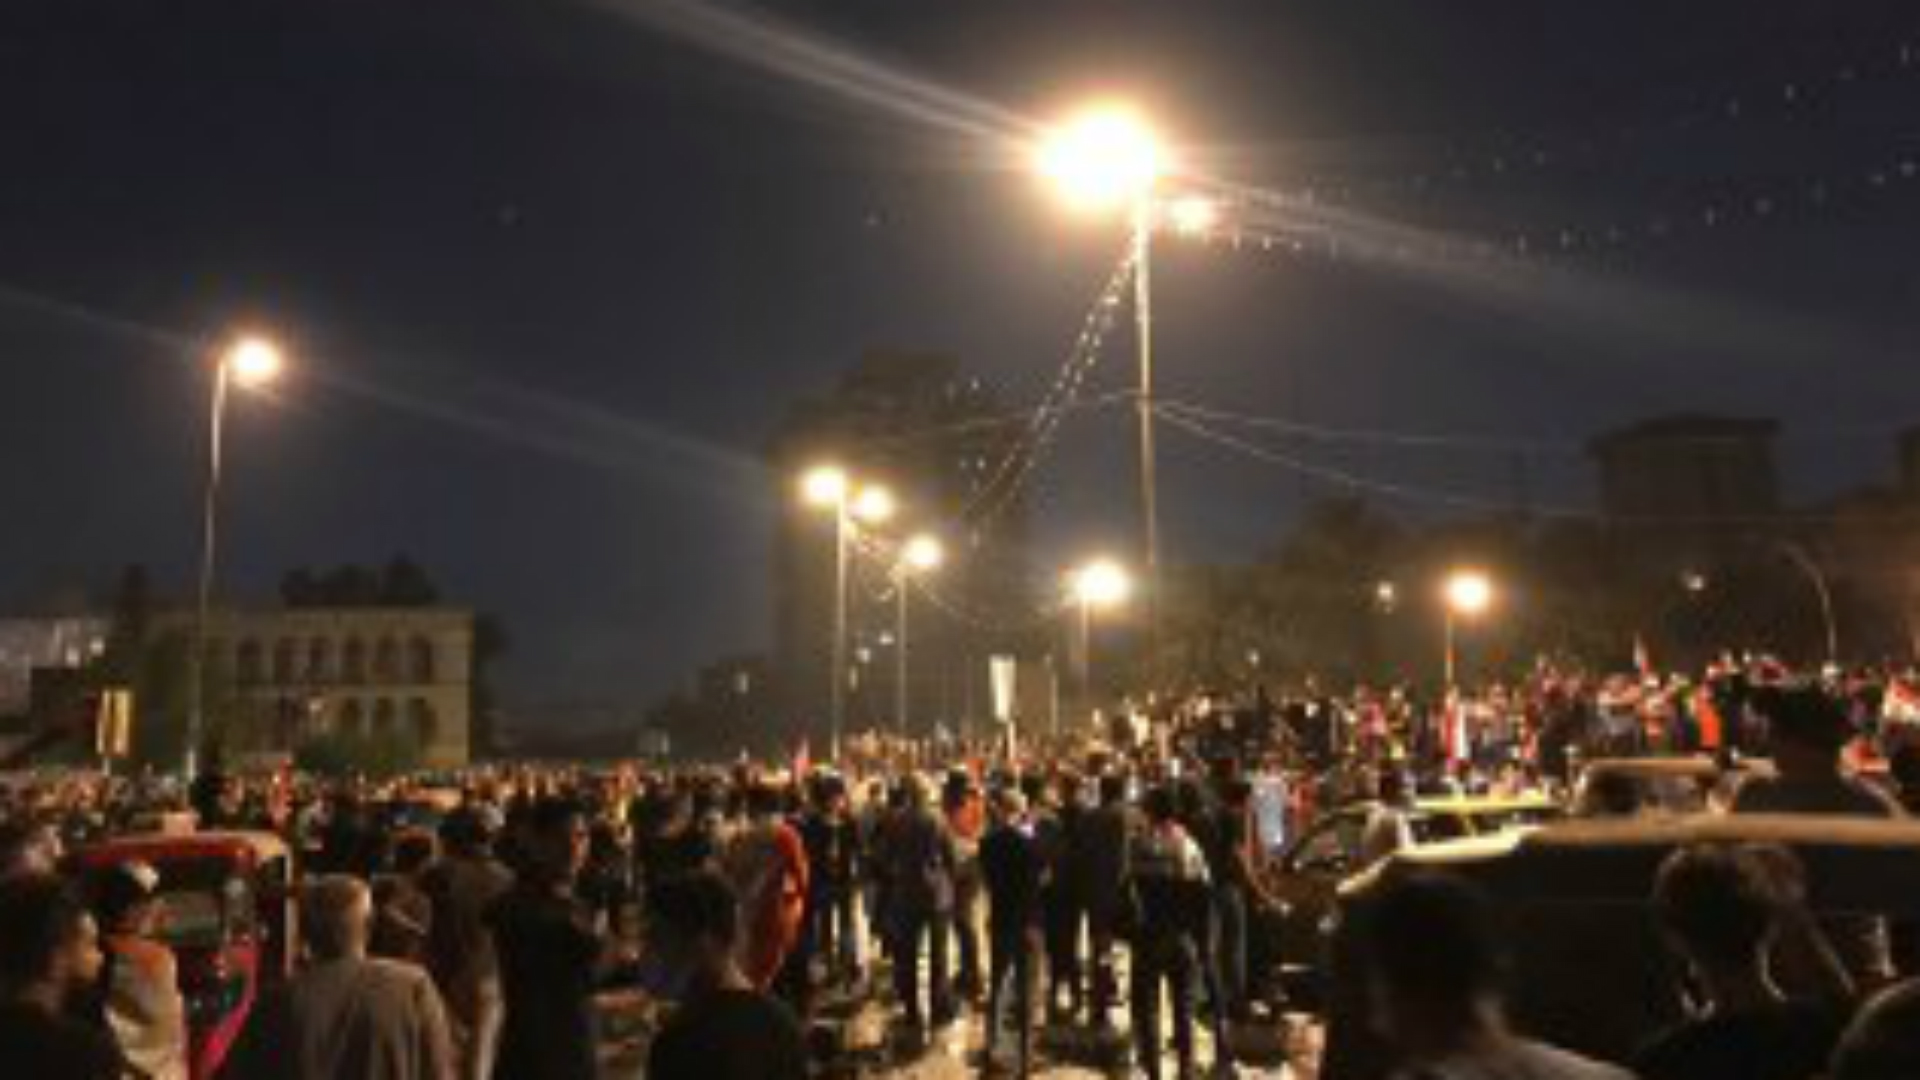 اغتيال الناشط المدني حقي العزاوي في بغداد